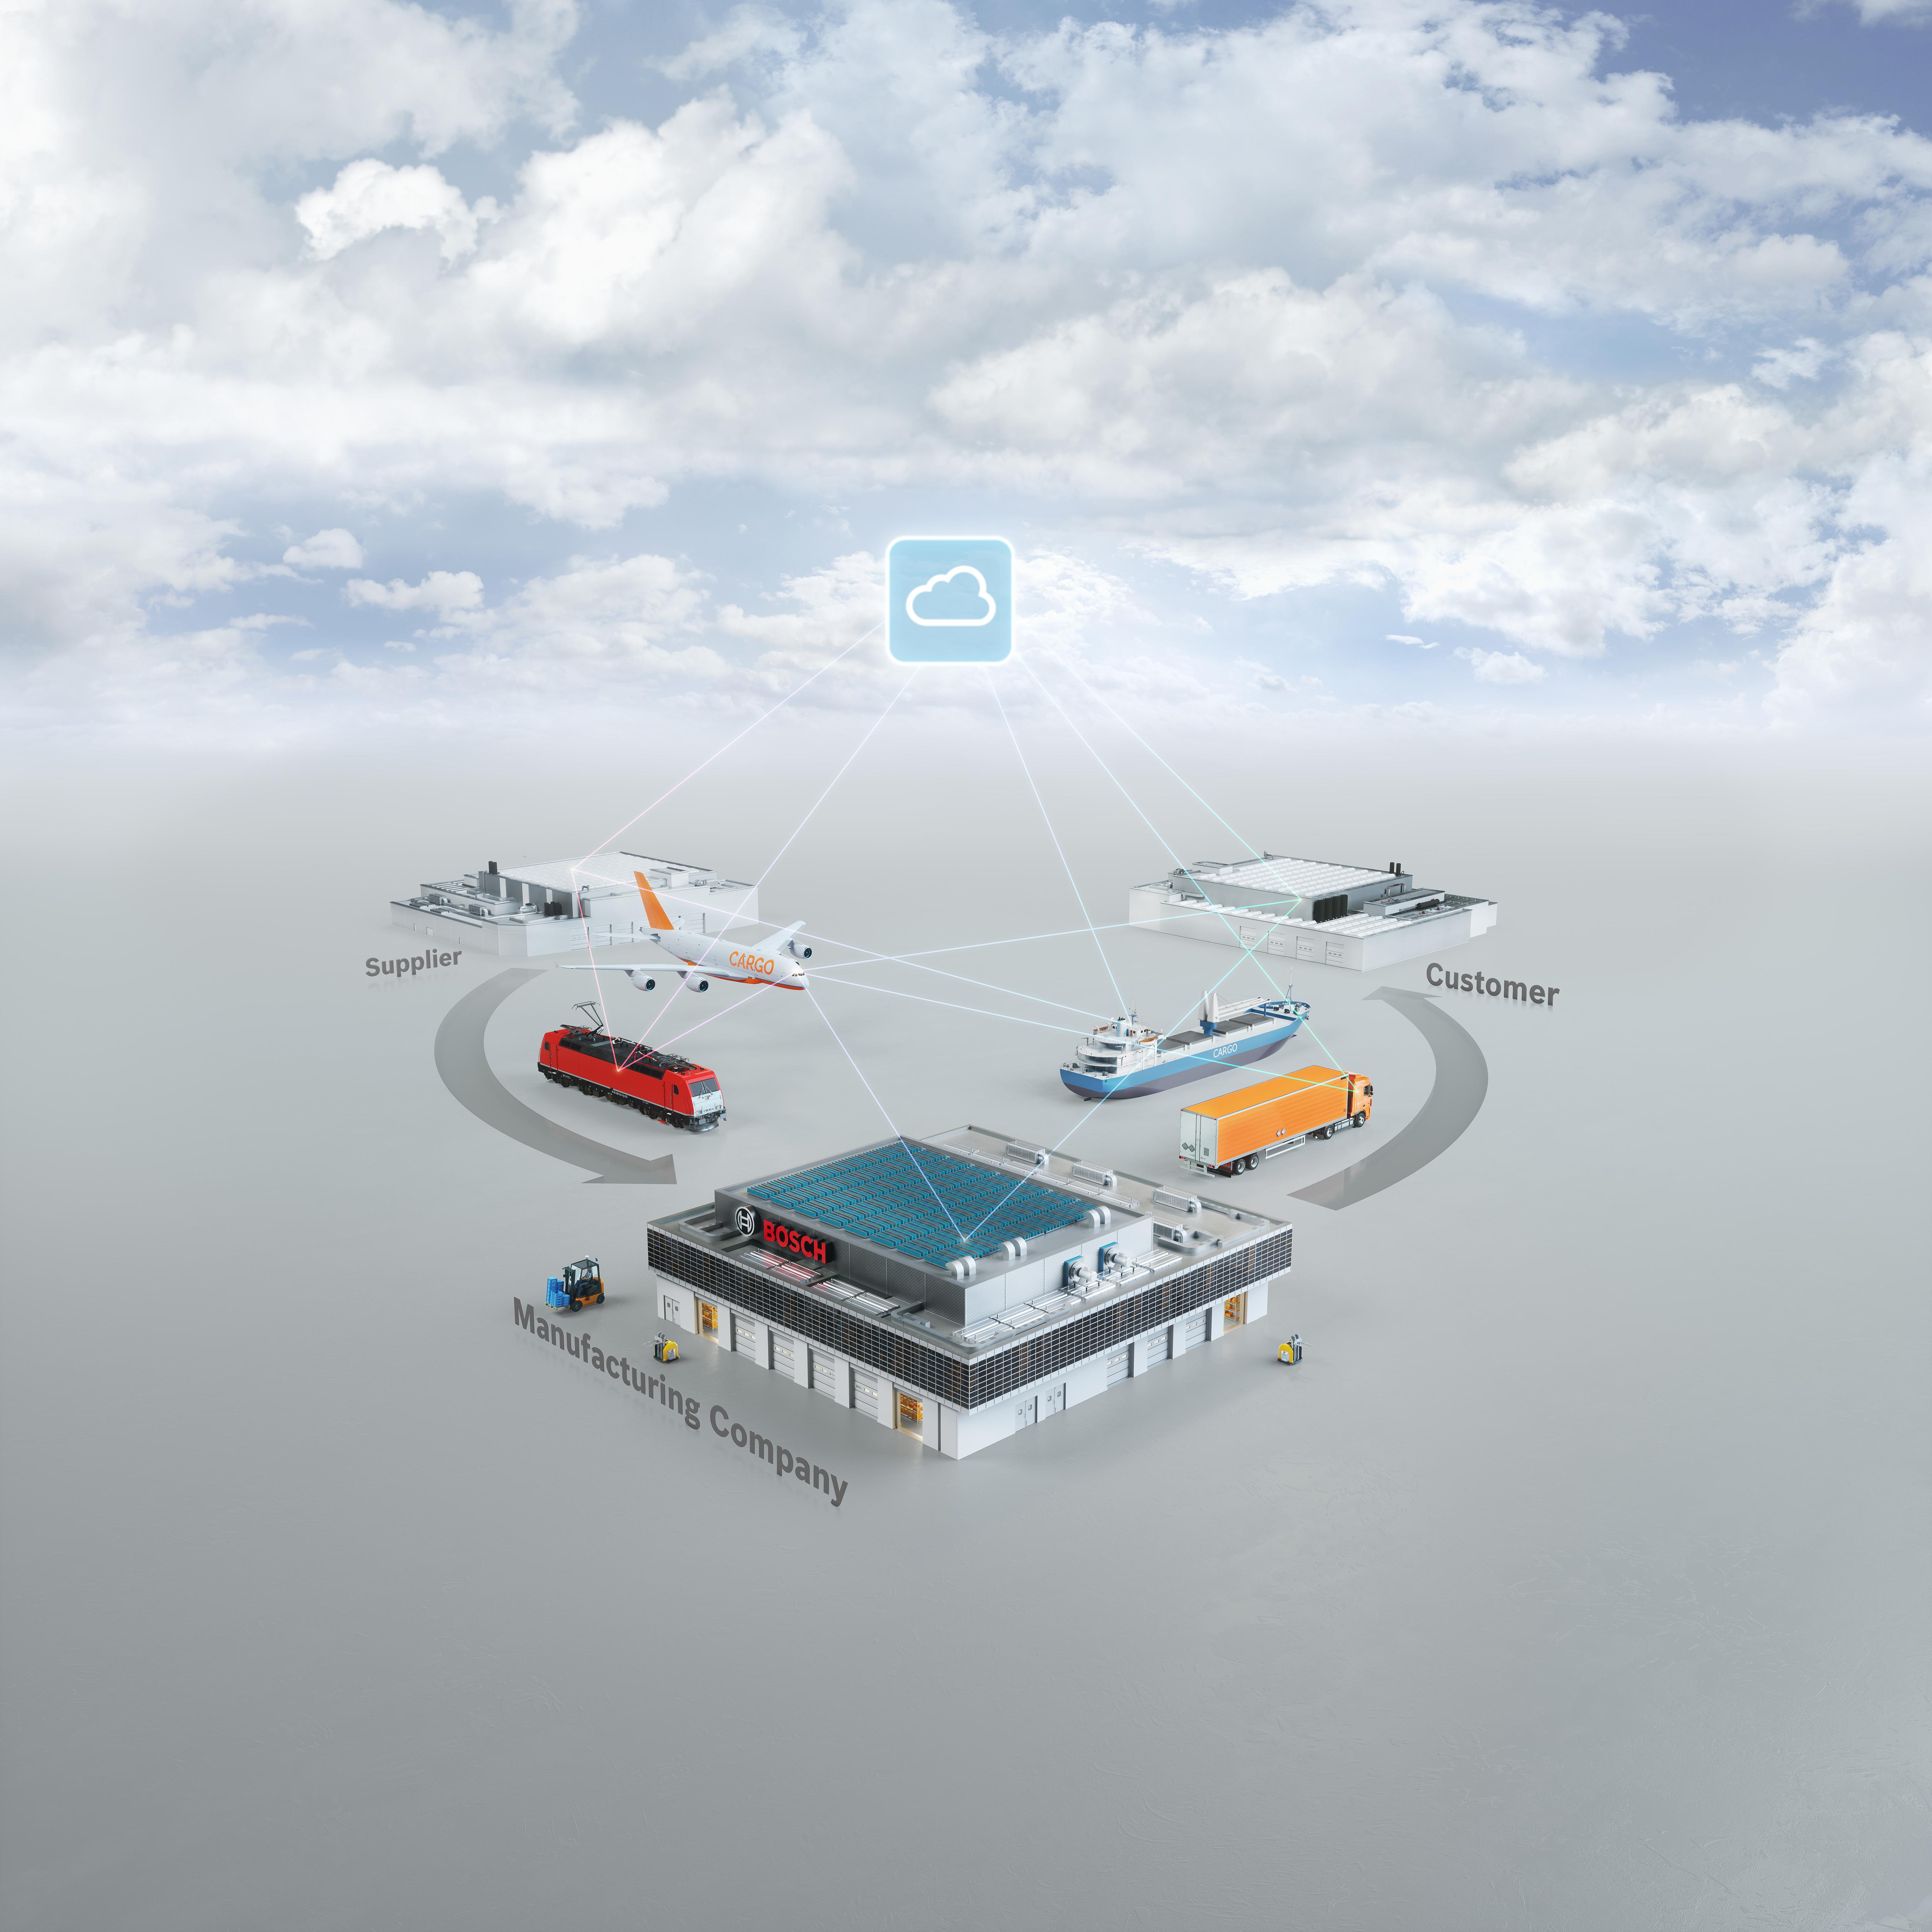 Riešenia od spoločnosti Bosch pre celý dodávateľský reťazec